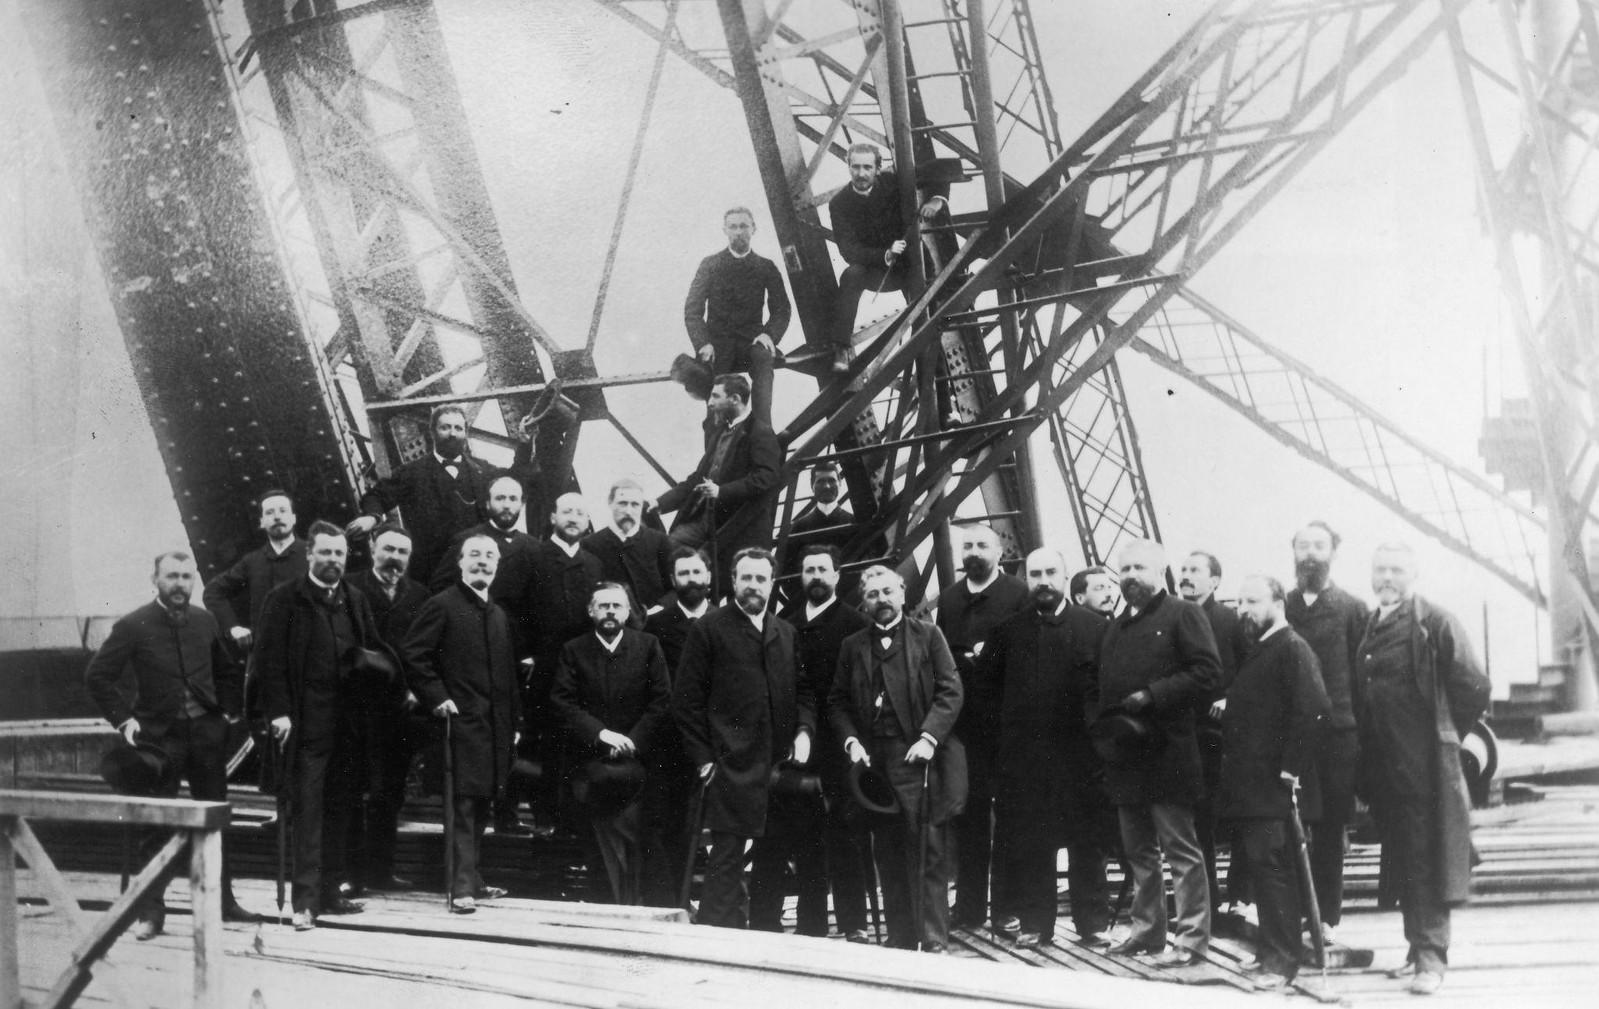 08. 1888. 6 июня. Члены Societe Centrale des Architects на первом этаже Эйфелевой башни во время ее строительства